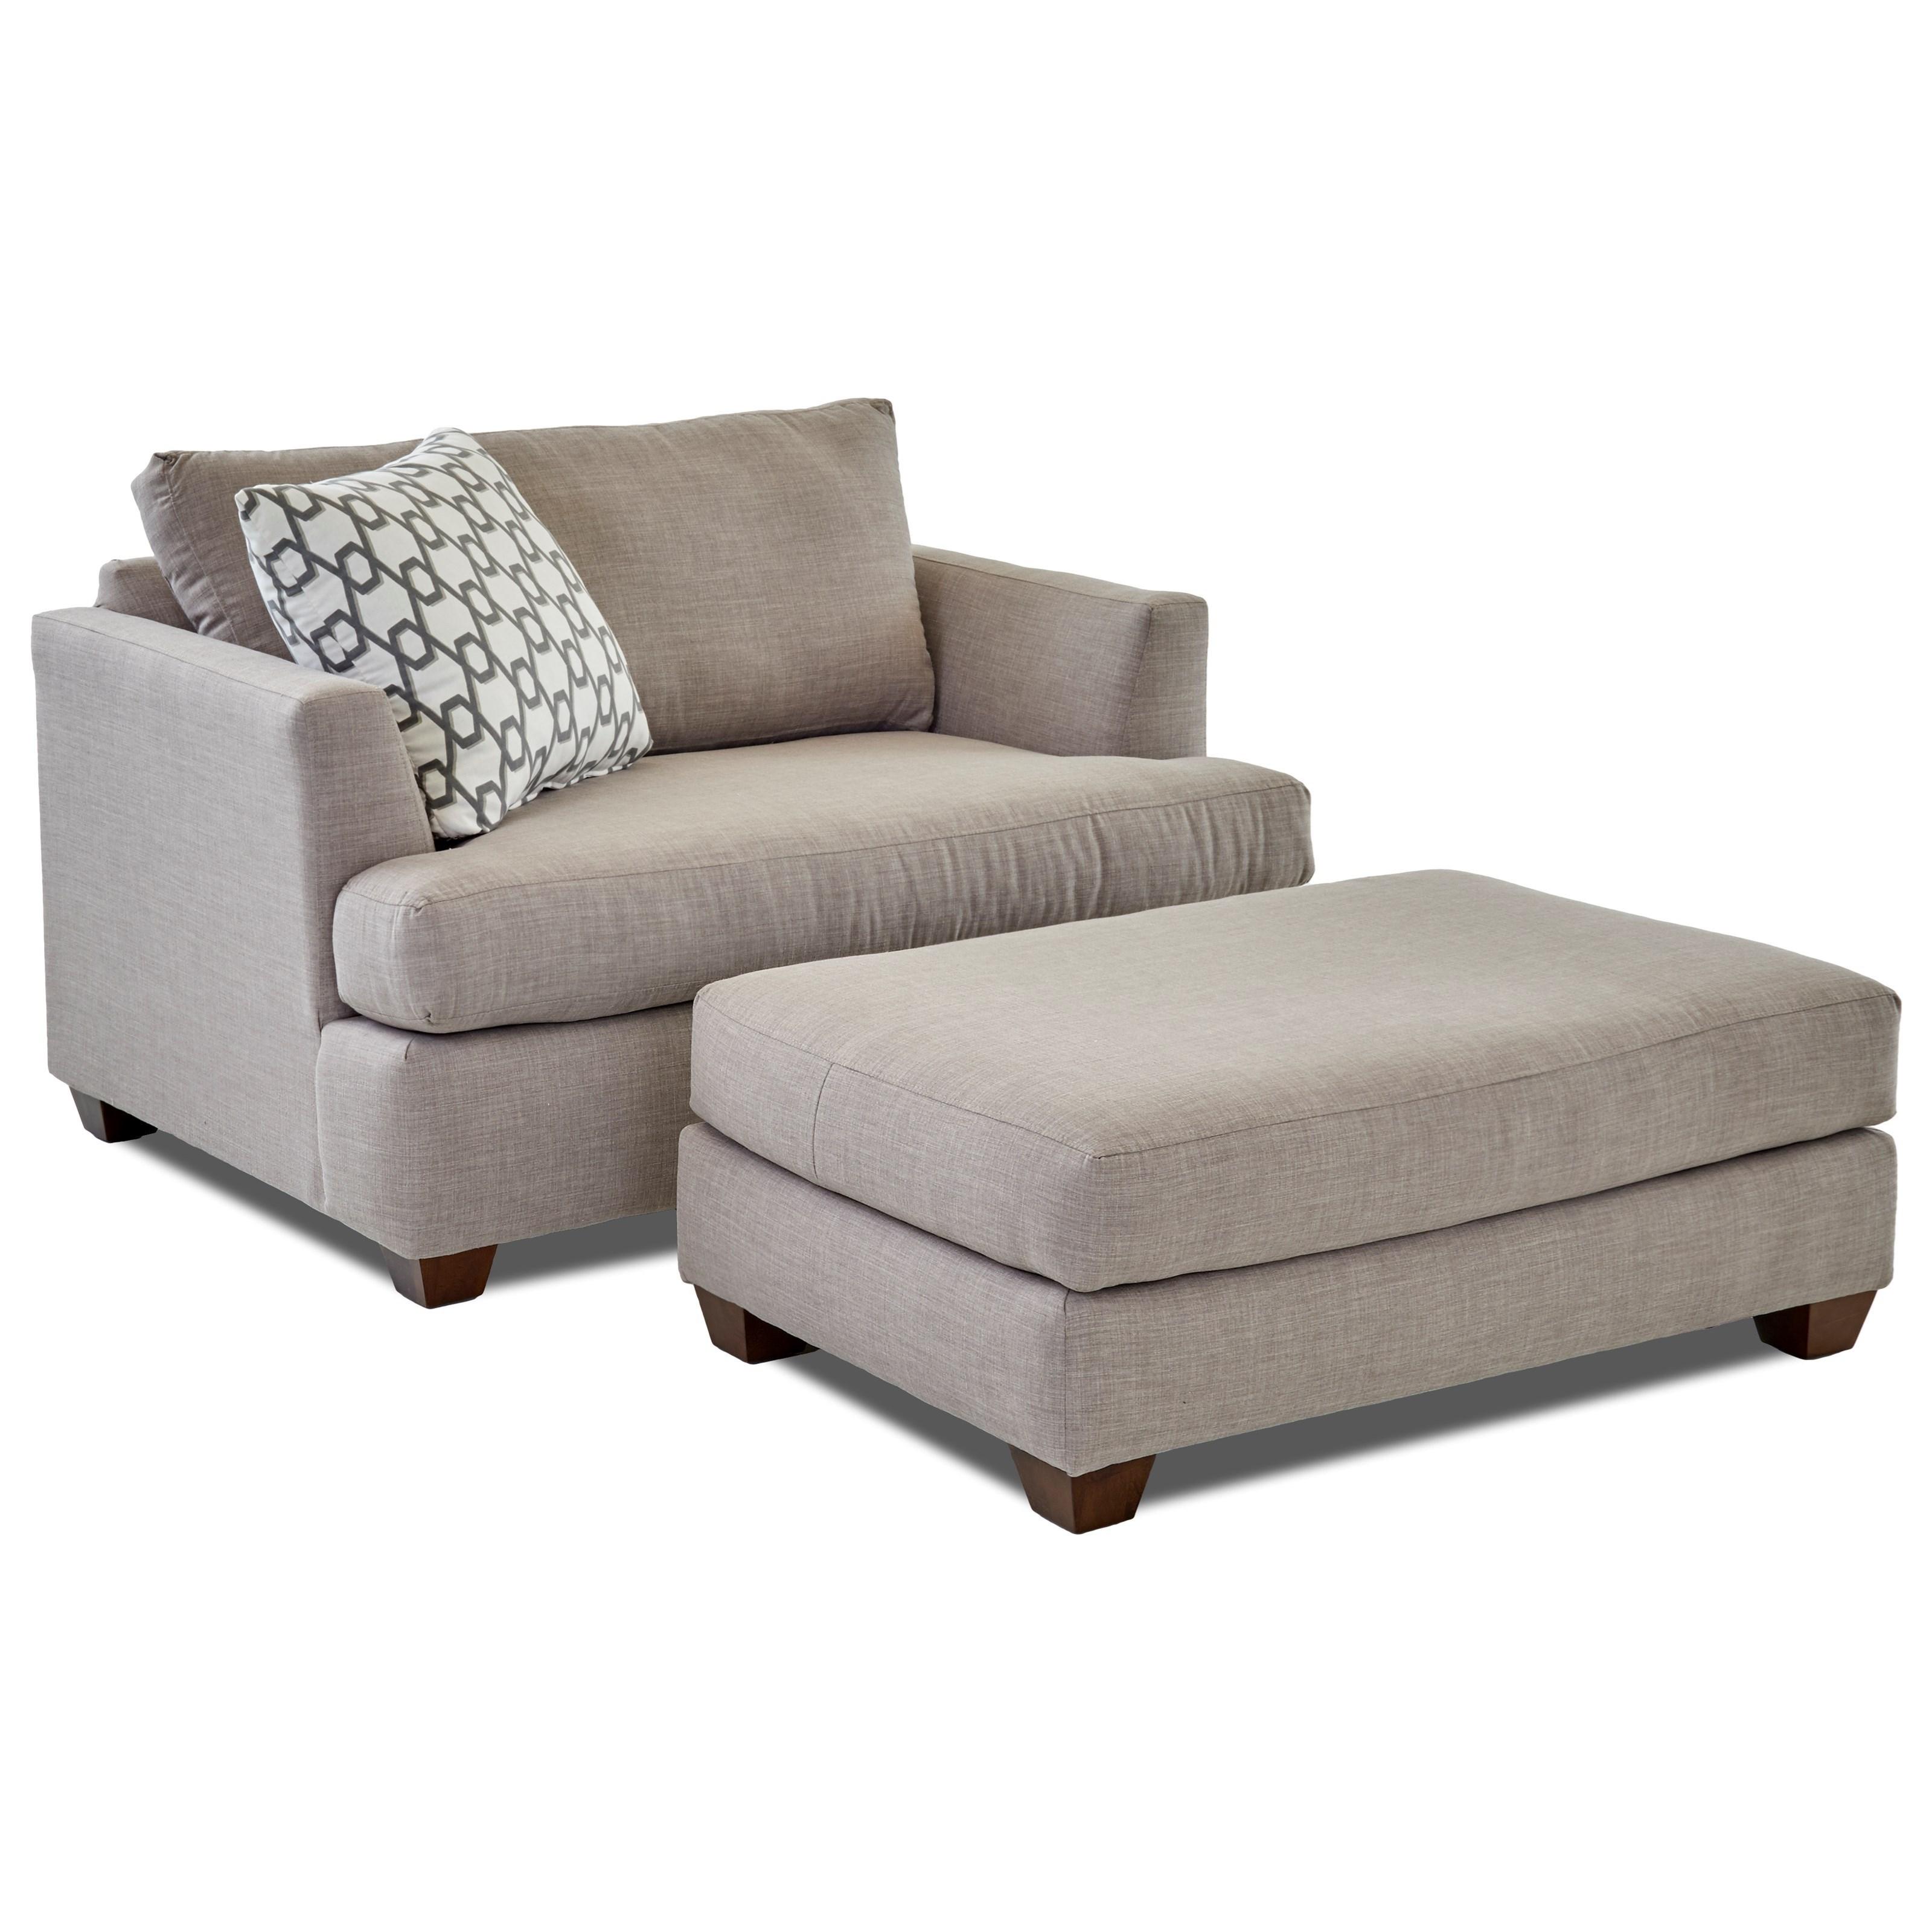 Klaussner Jack Big Chair And Ottoman Set Morris Home